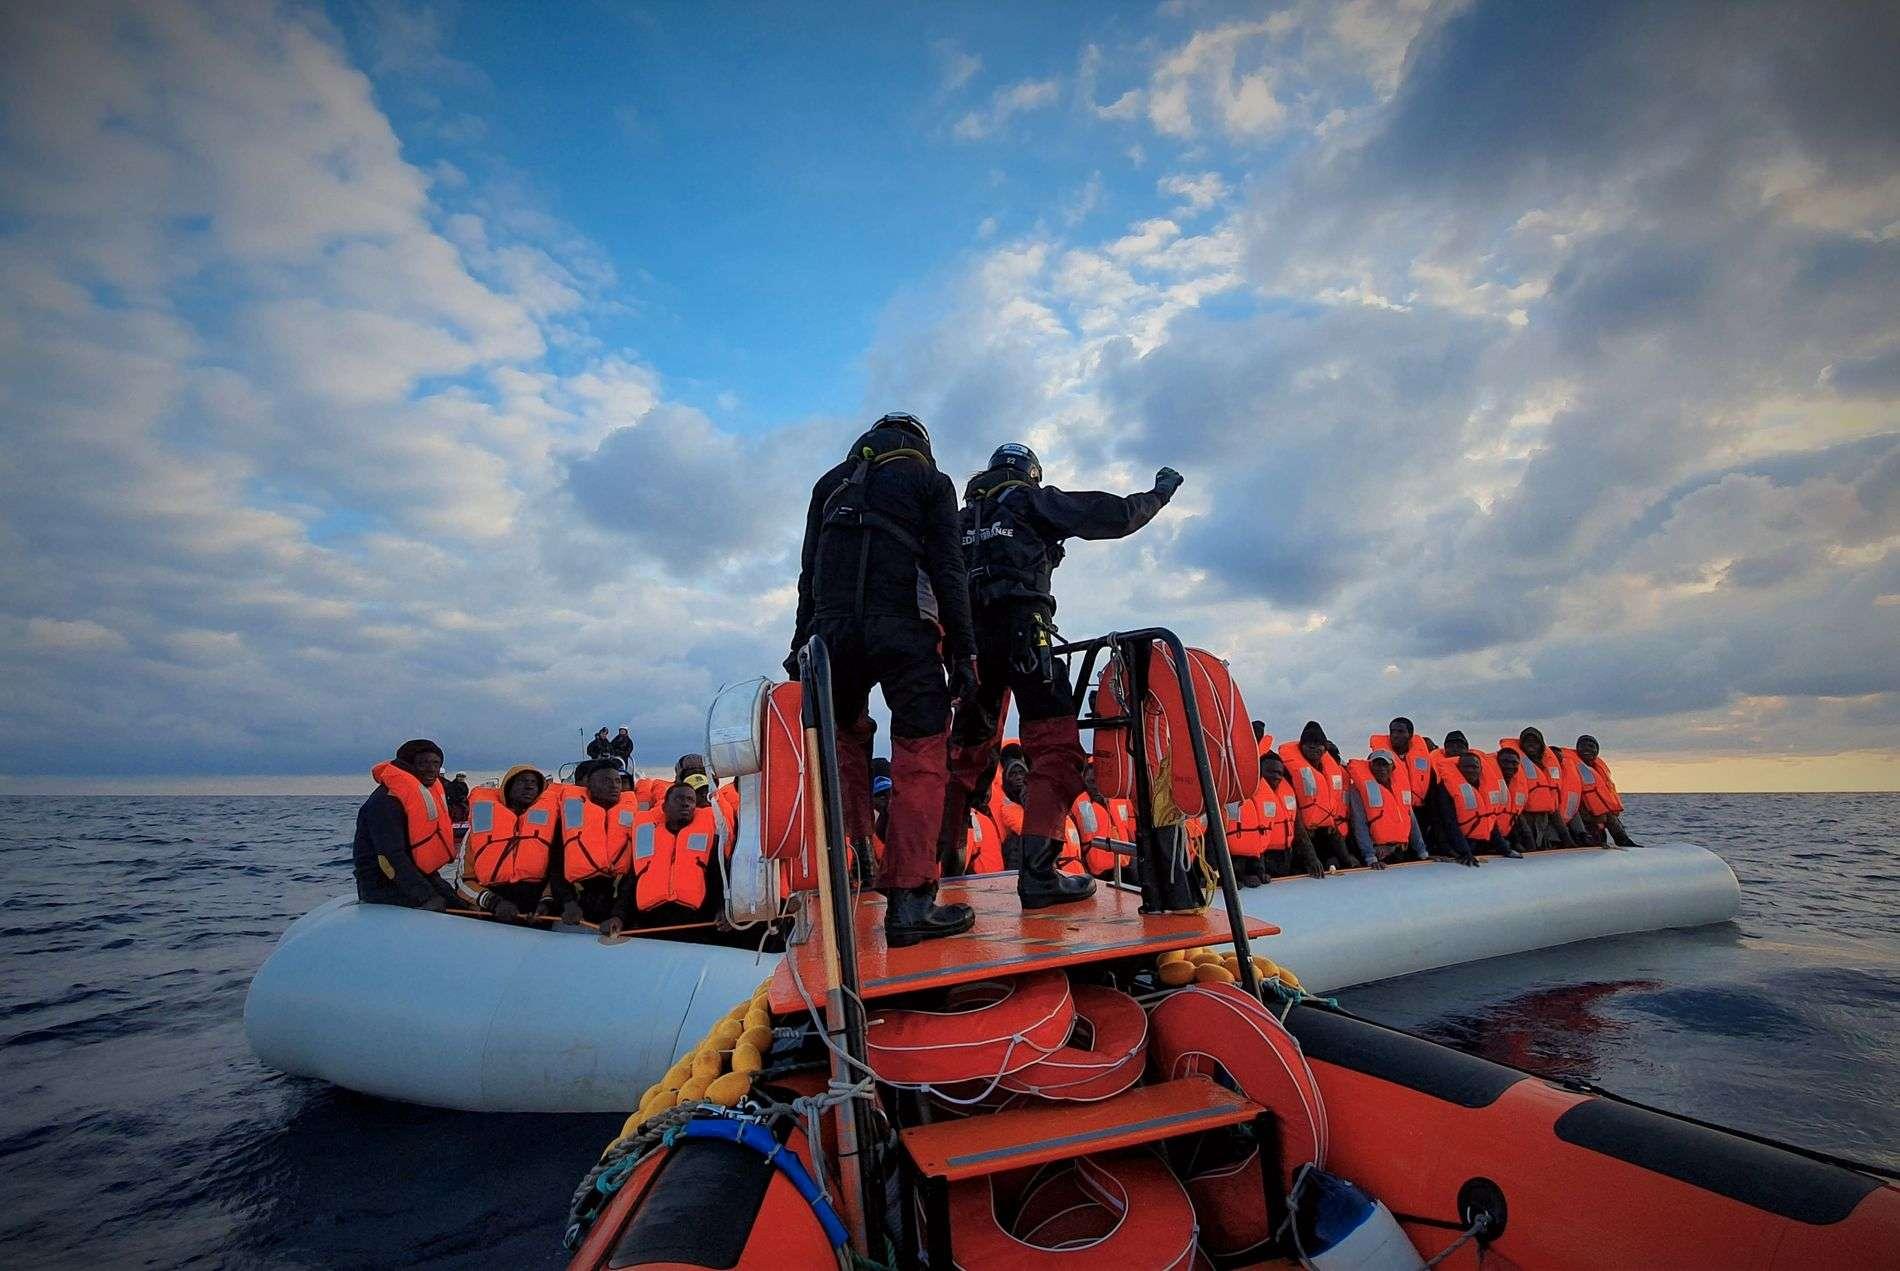 Libye: La noyade des demandeurs d'asile en mer est due à la répétition de retours illégaux